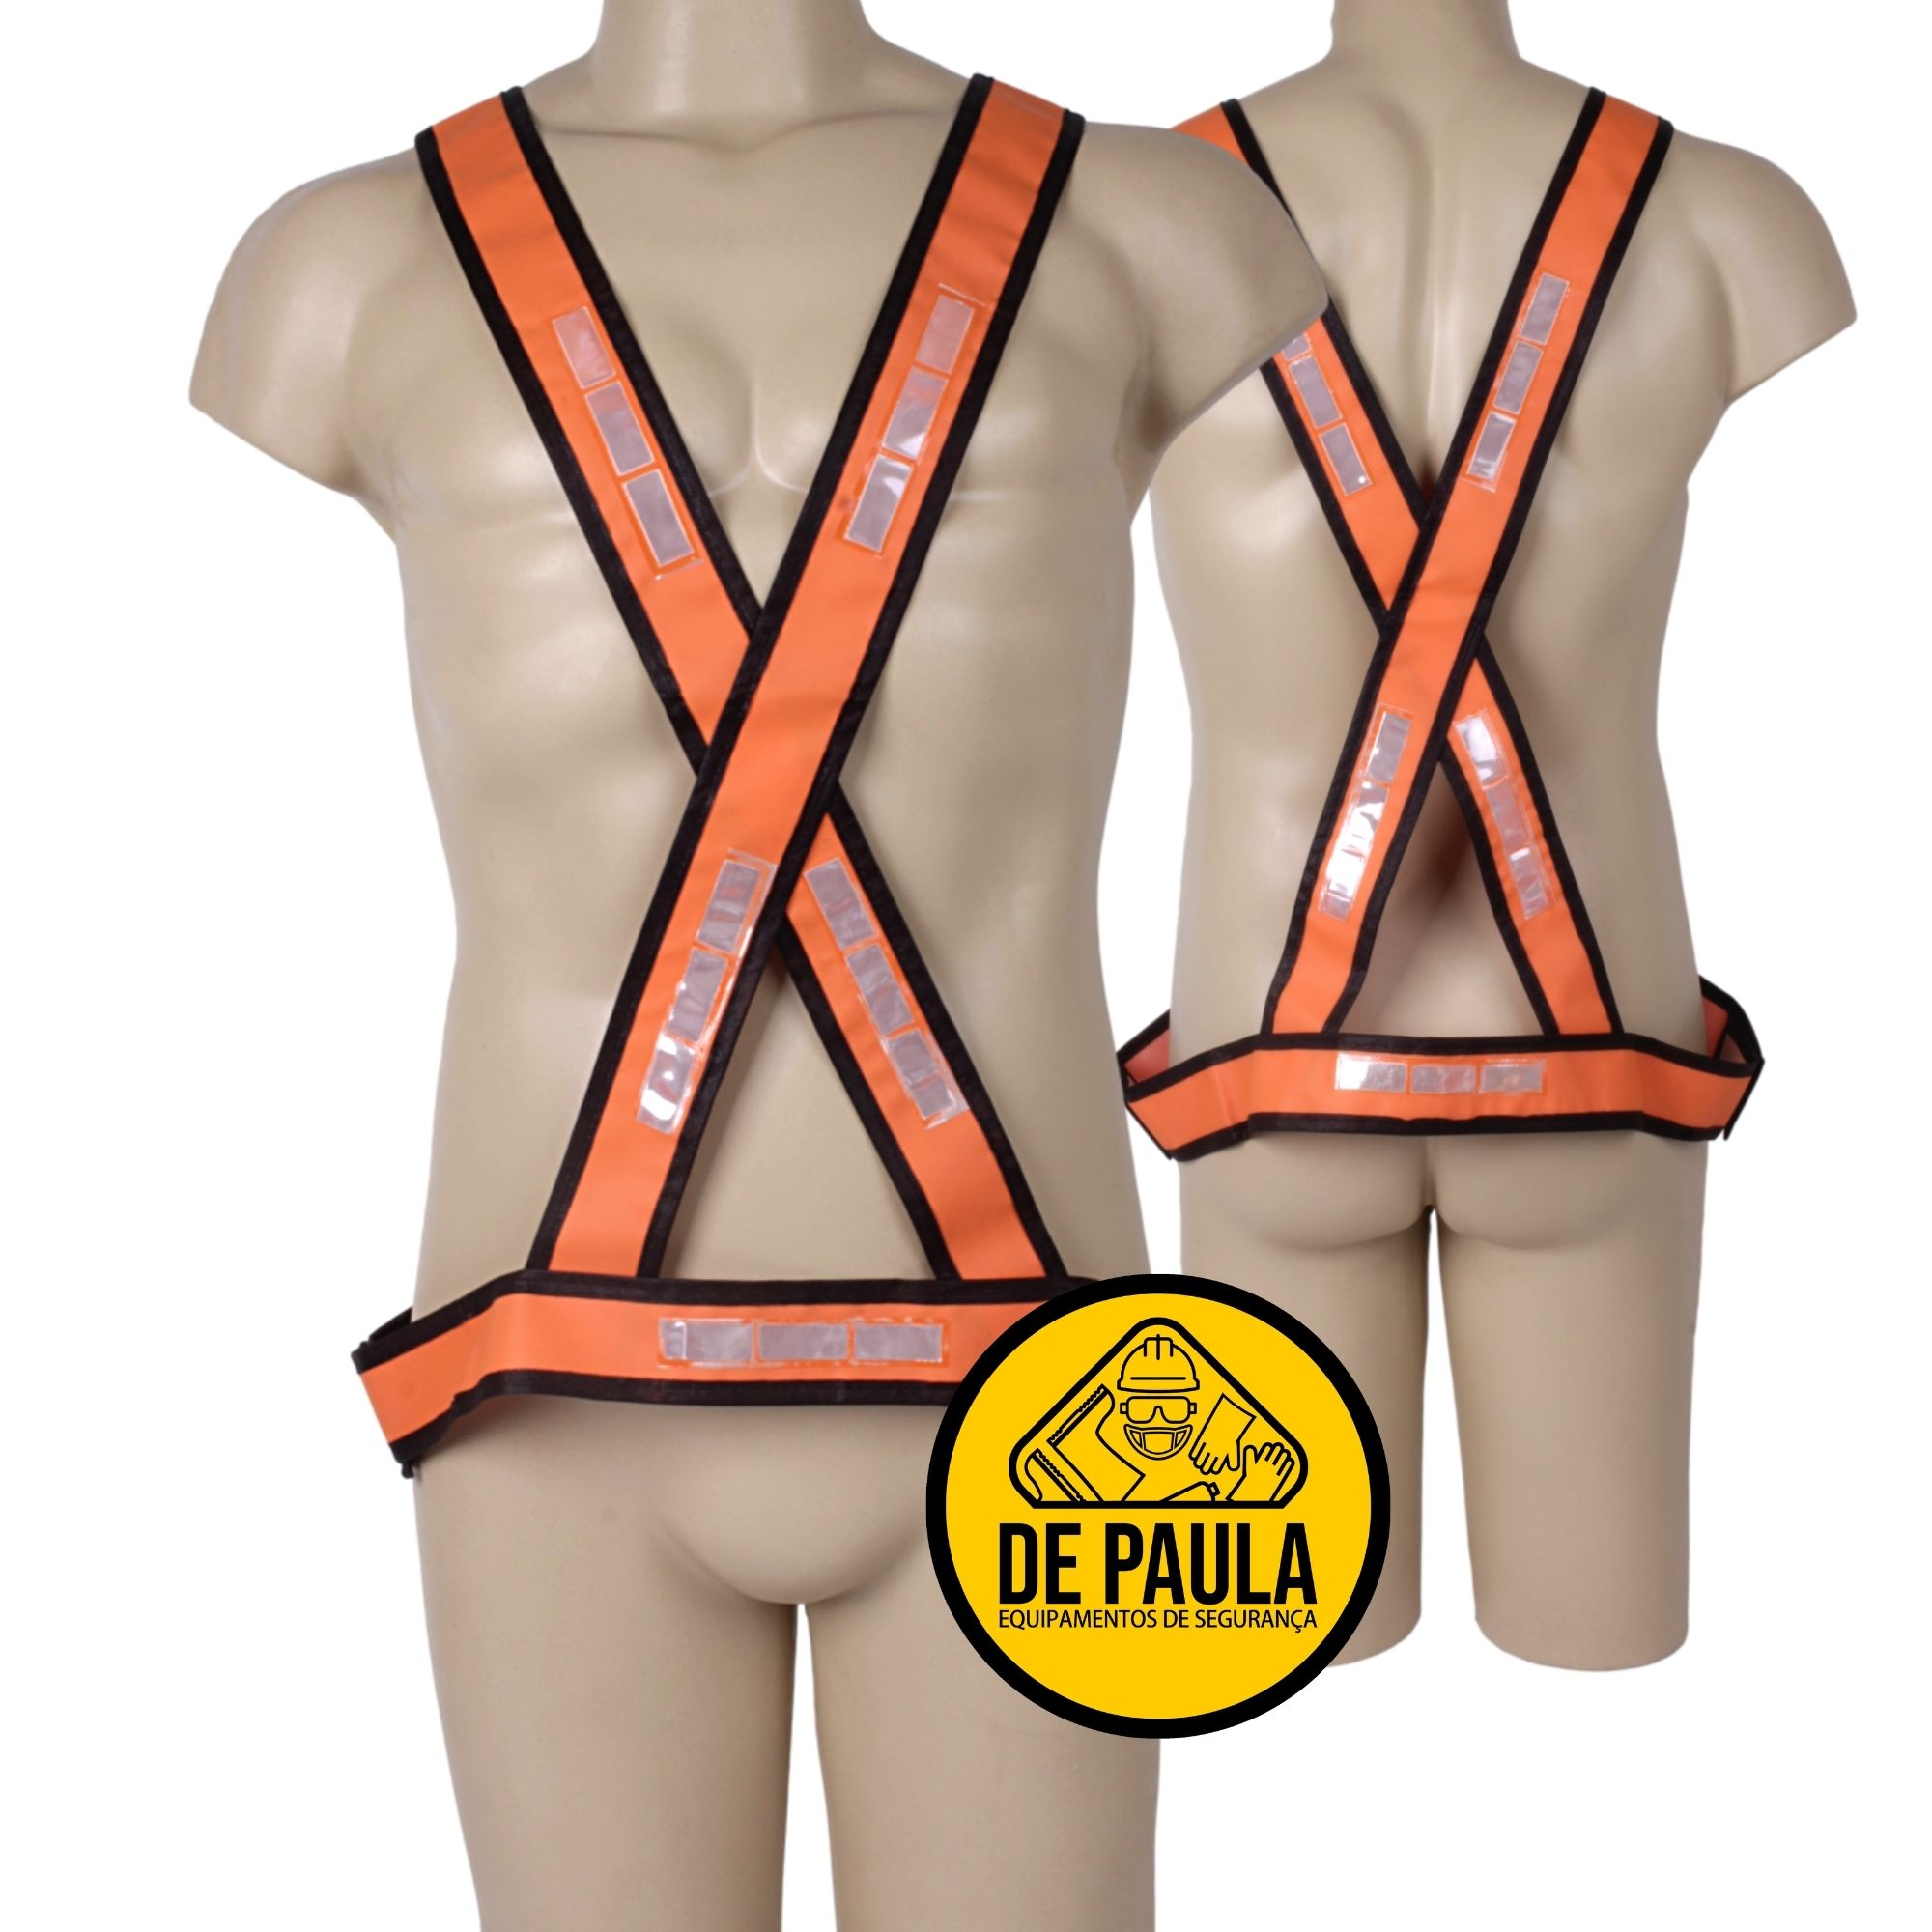 COLETE DE SEGURANÇA EM X COM RELETIVO  - PROTECT QUALITY  - DE PAULA EPI